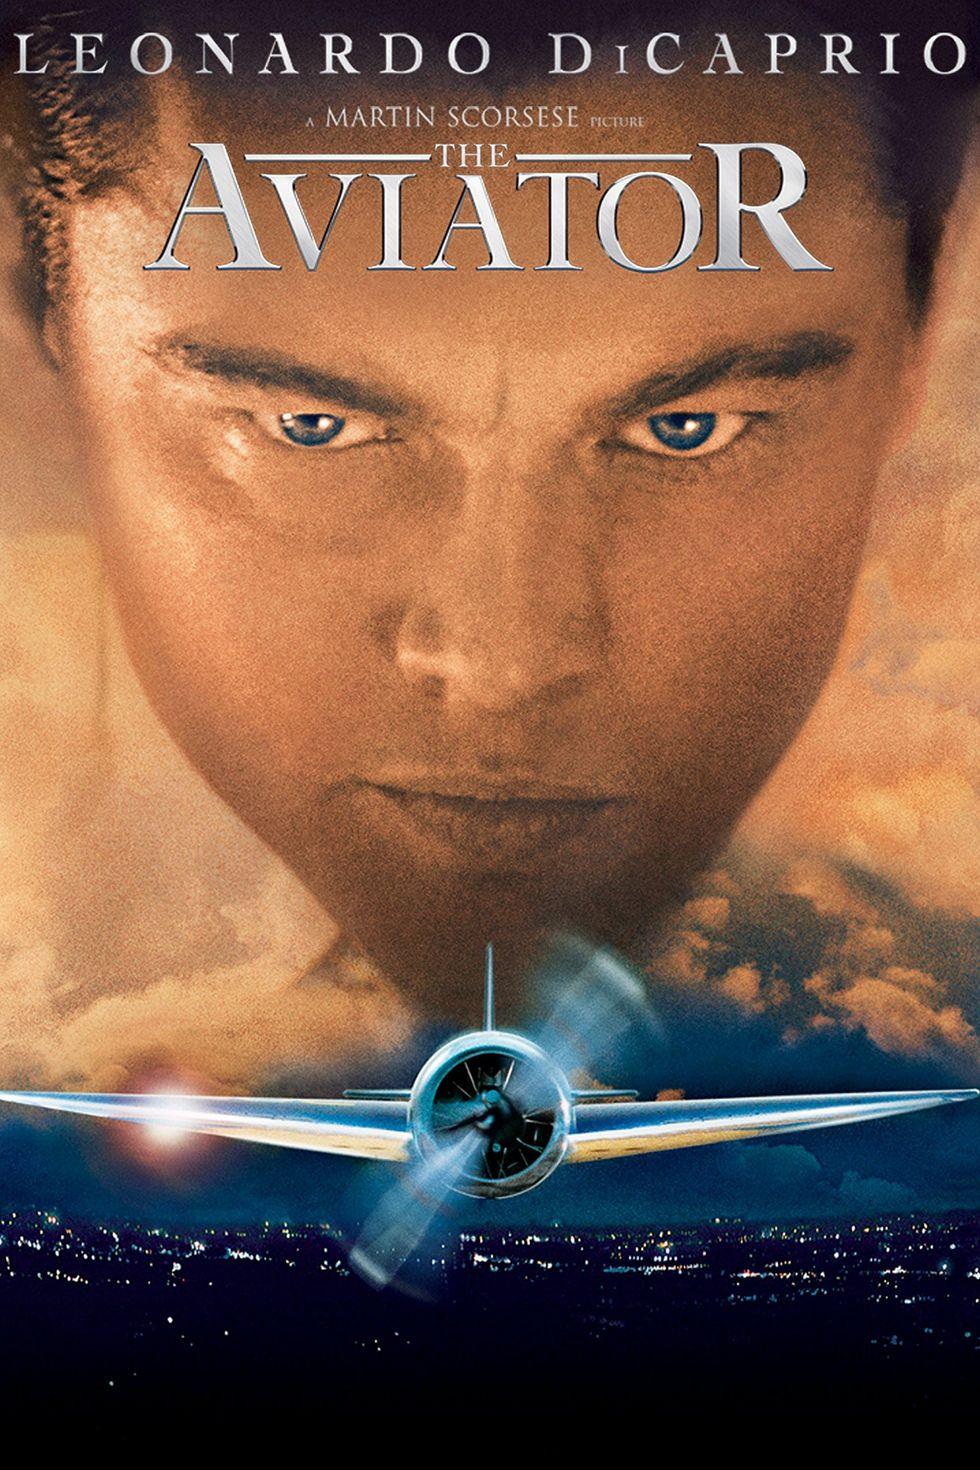 """""""Авиаторът"""" (2004) Историята разказва за уникалния Хауърд Хюз – режисьор, успешен бизнесмен, пилот и 100-процентов ексцентрик, роден в началото на миналия век. Лео ди Каприо се превъплъщава в ролята на Хюз, като лентата представя живота на милиардера от ранните му години като филмов режисьор до по-късния етап, когато е измъчван от сериозно обсесивно-компулсивно разстройство, носещо му редица неприятности, сред които и адски силна фобия от микроби."""